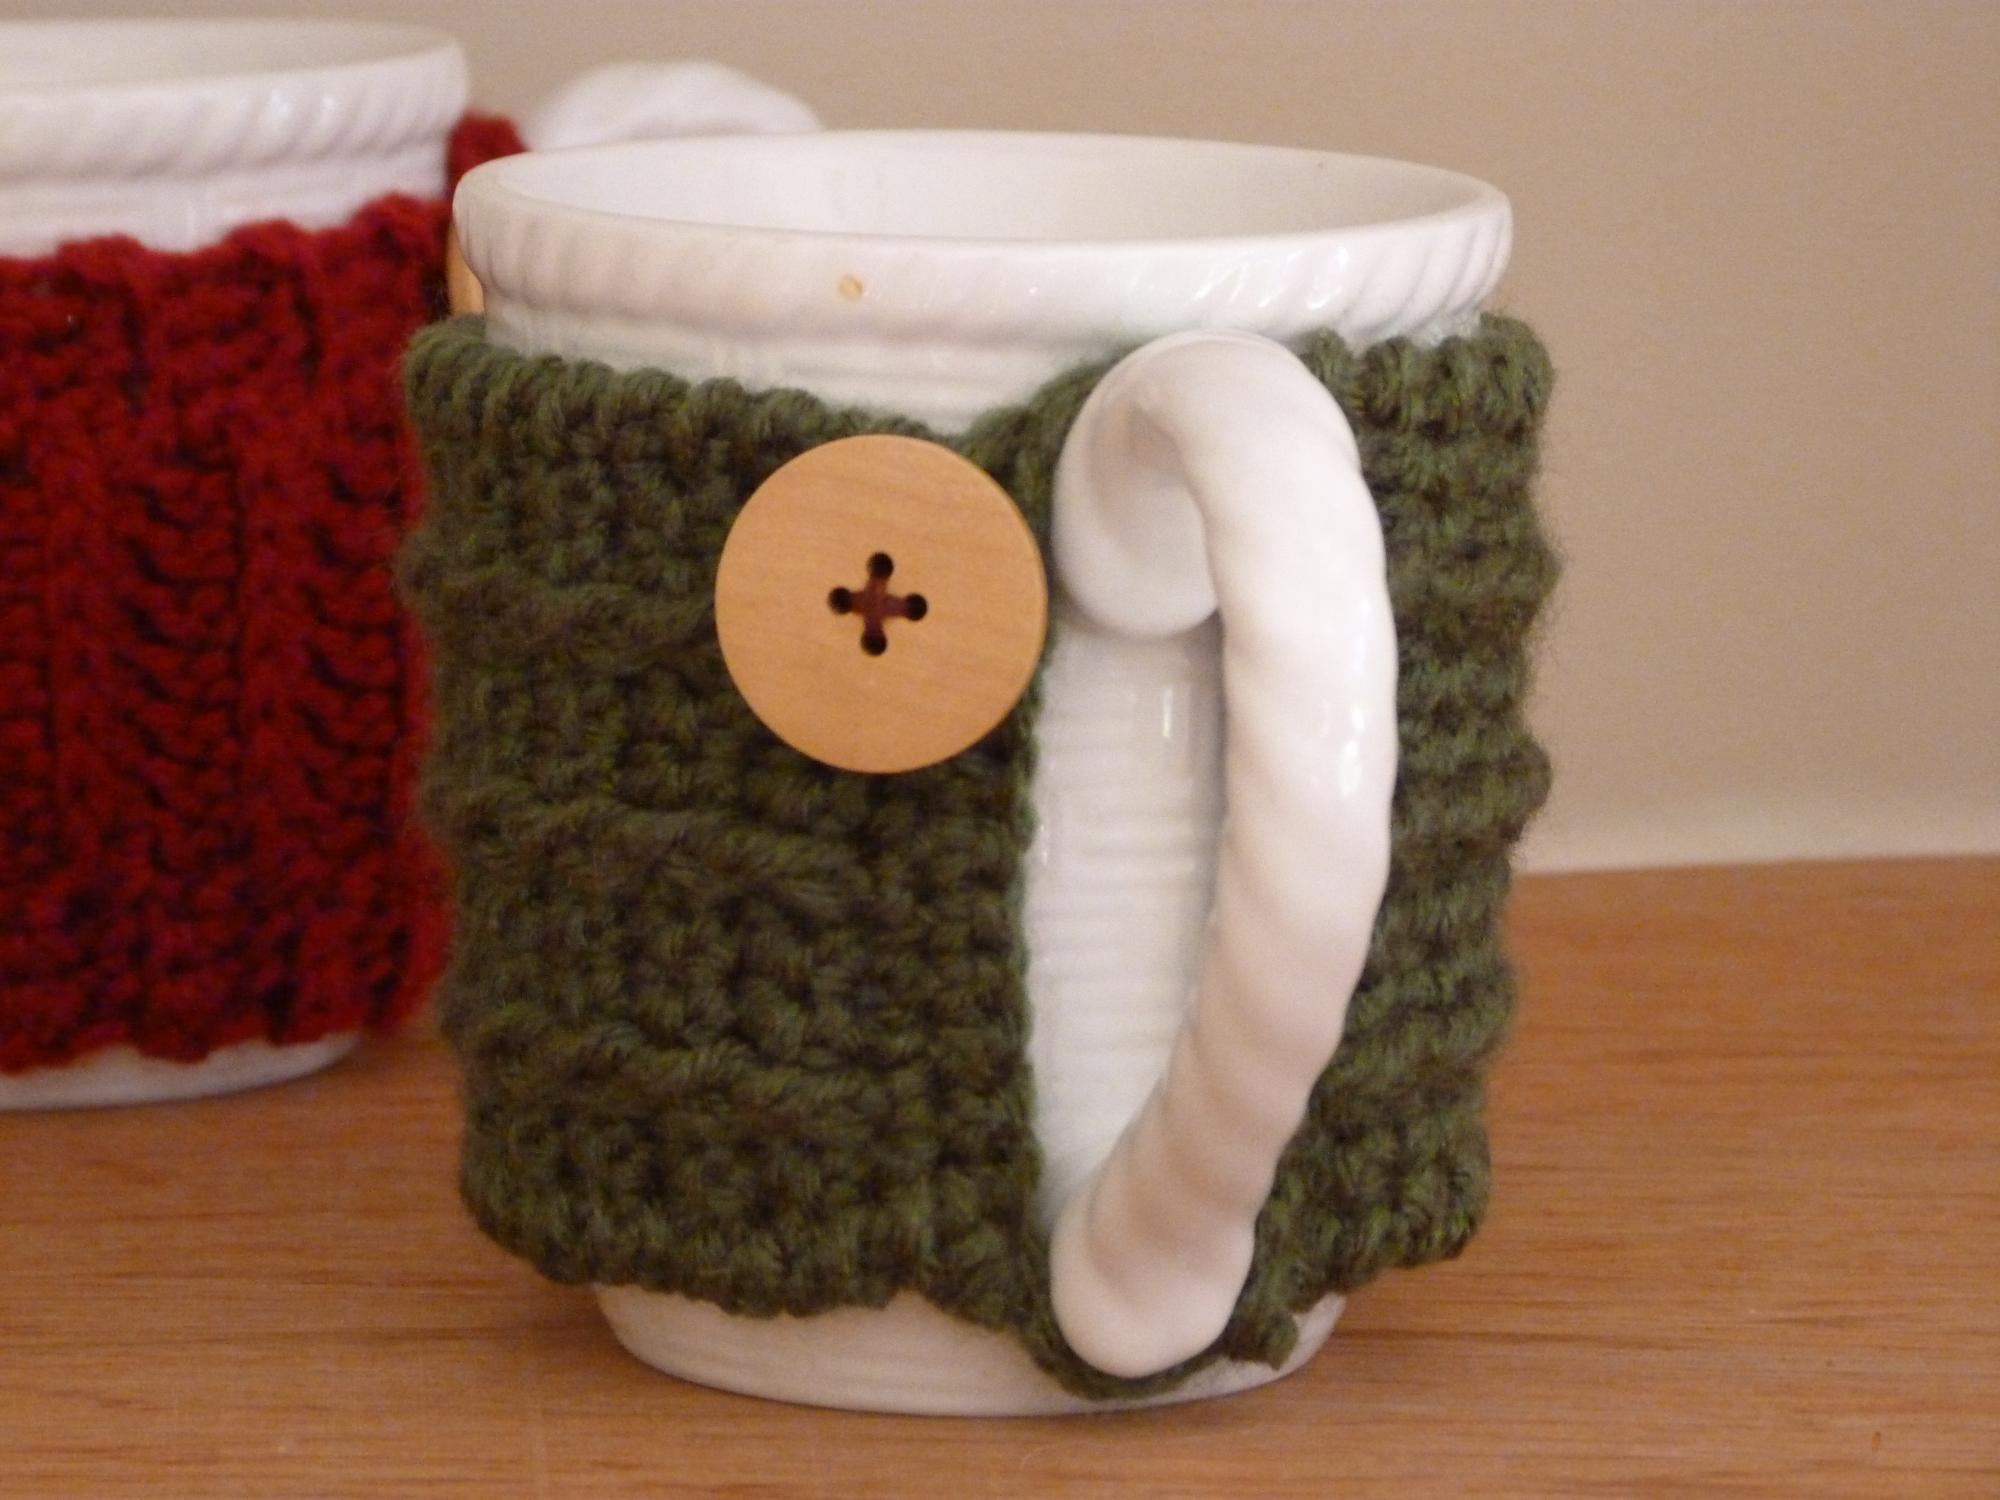 5. Sweater Mug Cozies